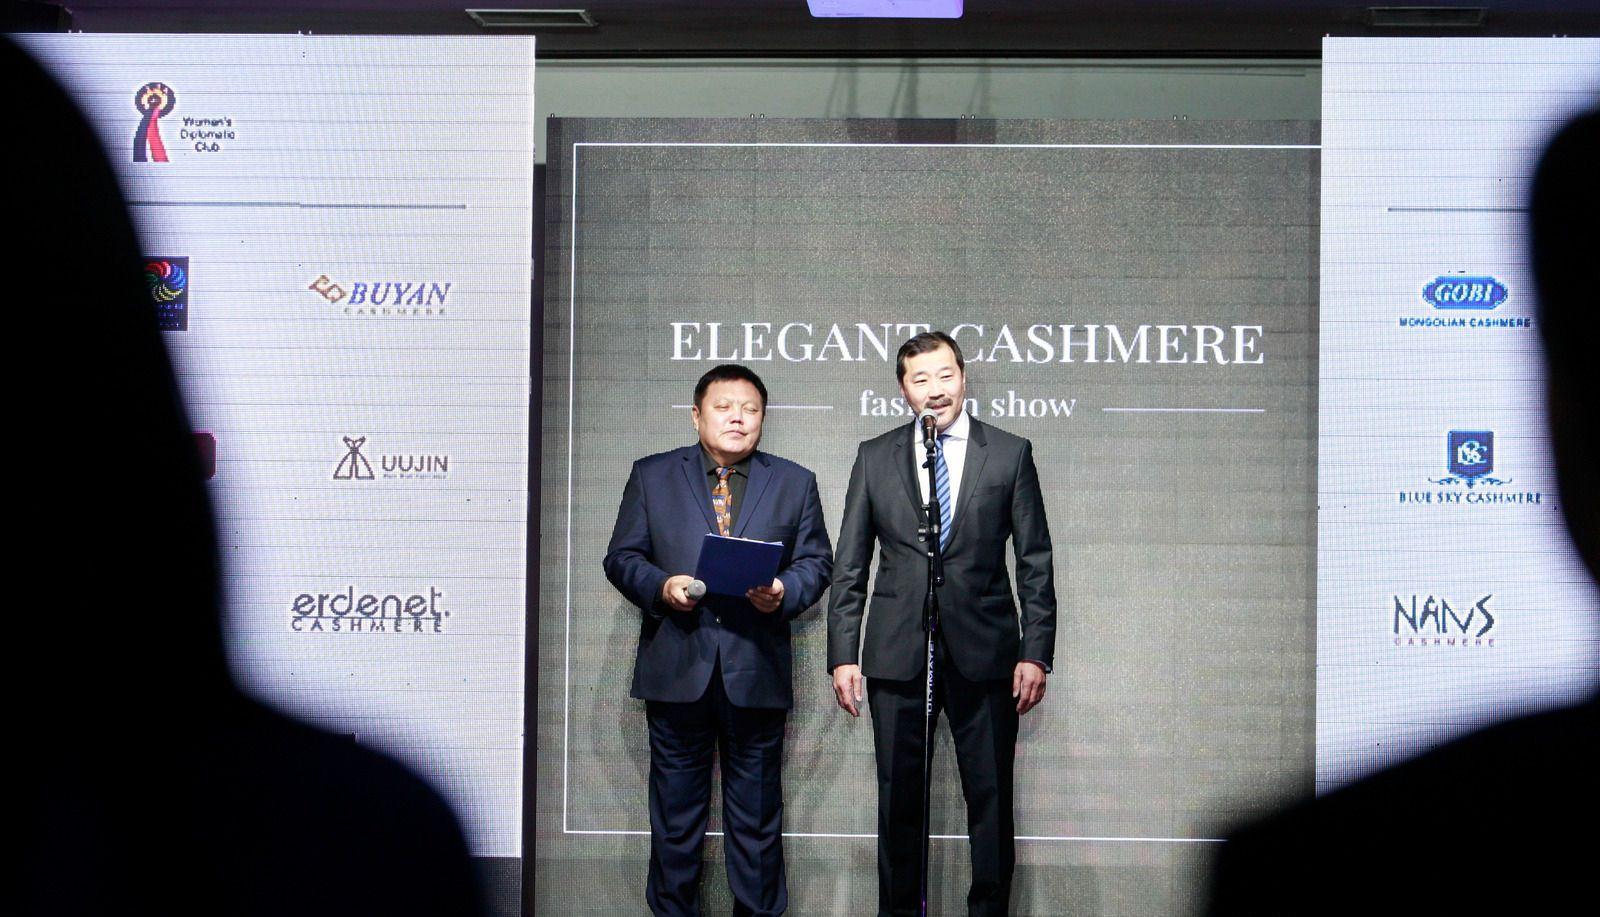 """""""Elegant Cashmere"""" загварын шоу болж өнгөрлөө"""